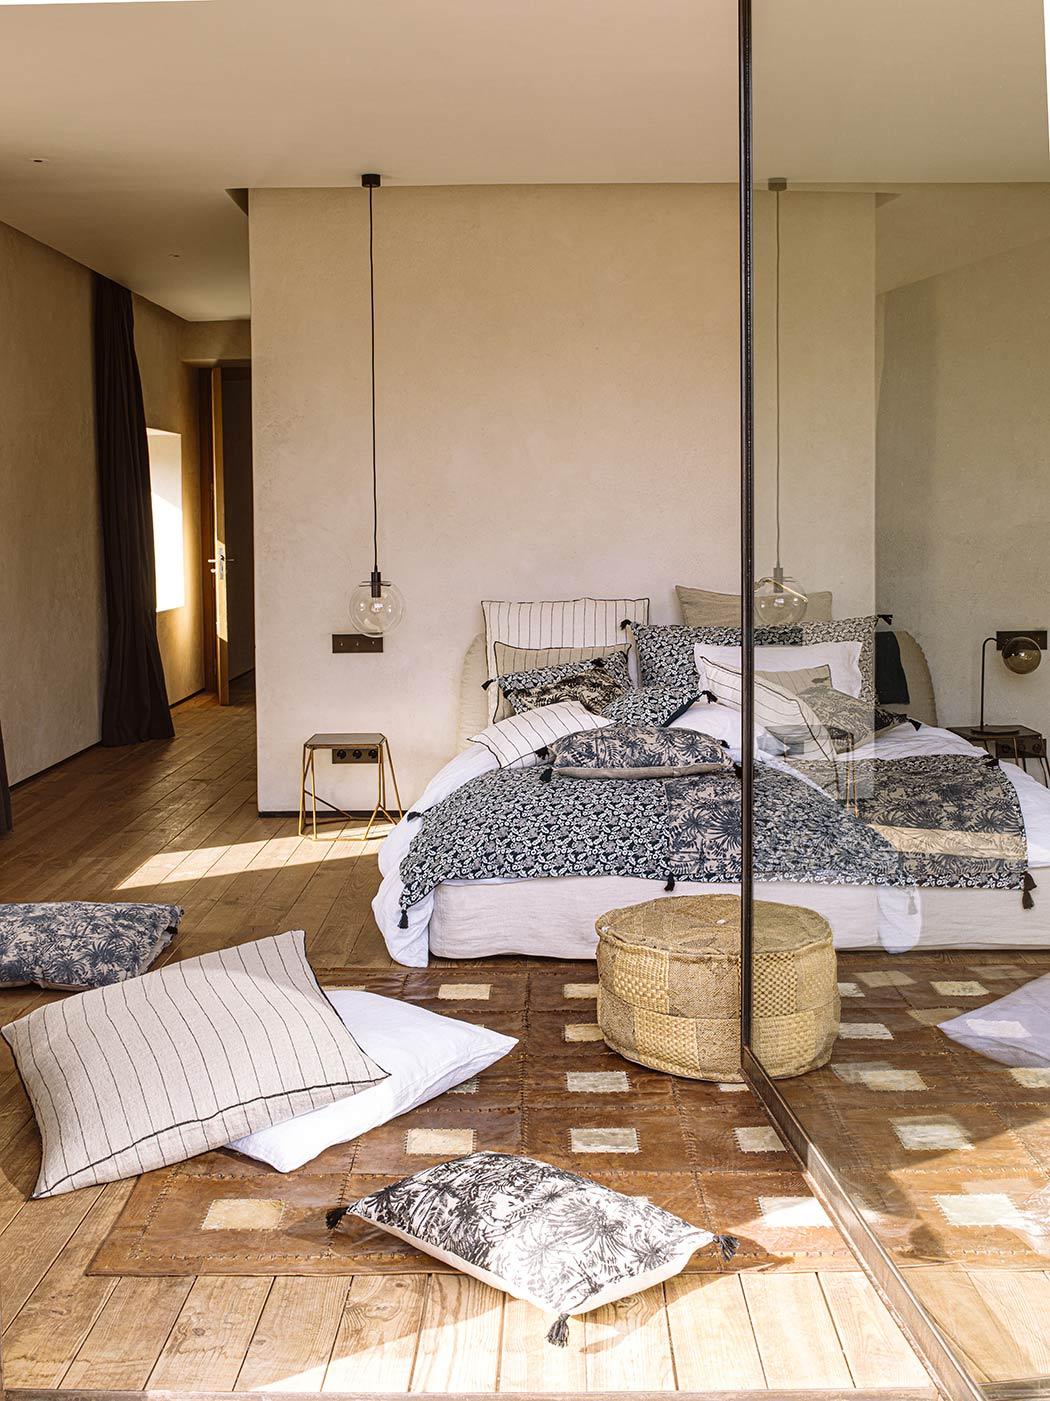 Chambre-Harmony-P10-11-Parure-Viti-et-edredon-coussins-Mahe-Gaya-Calvi14